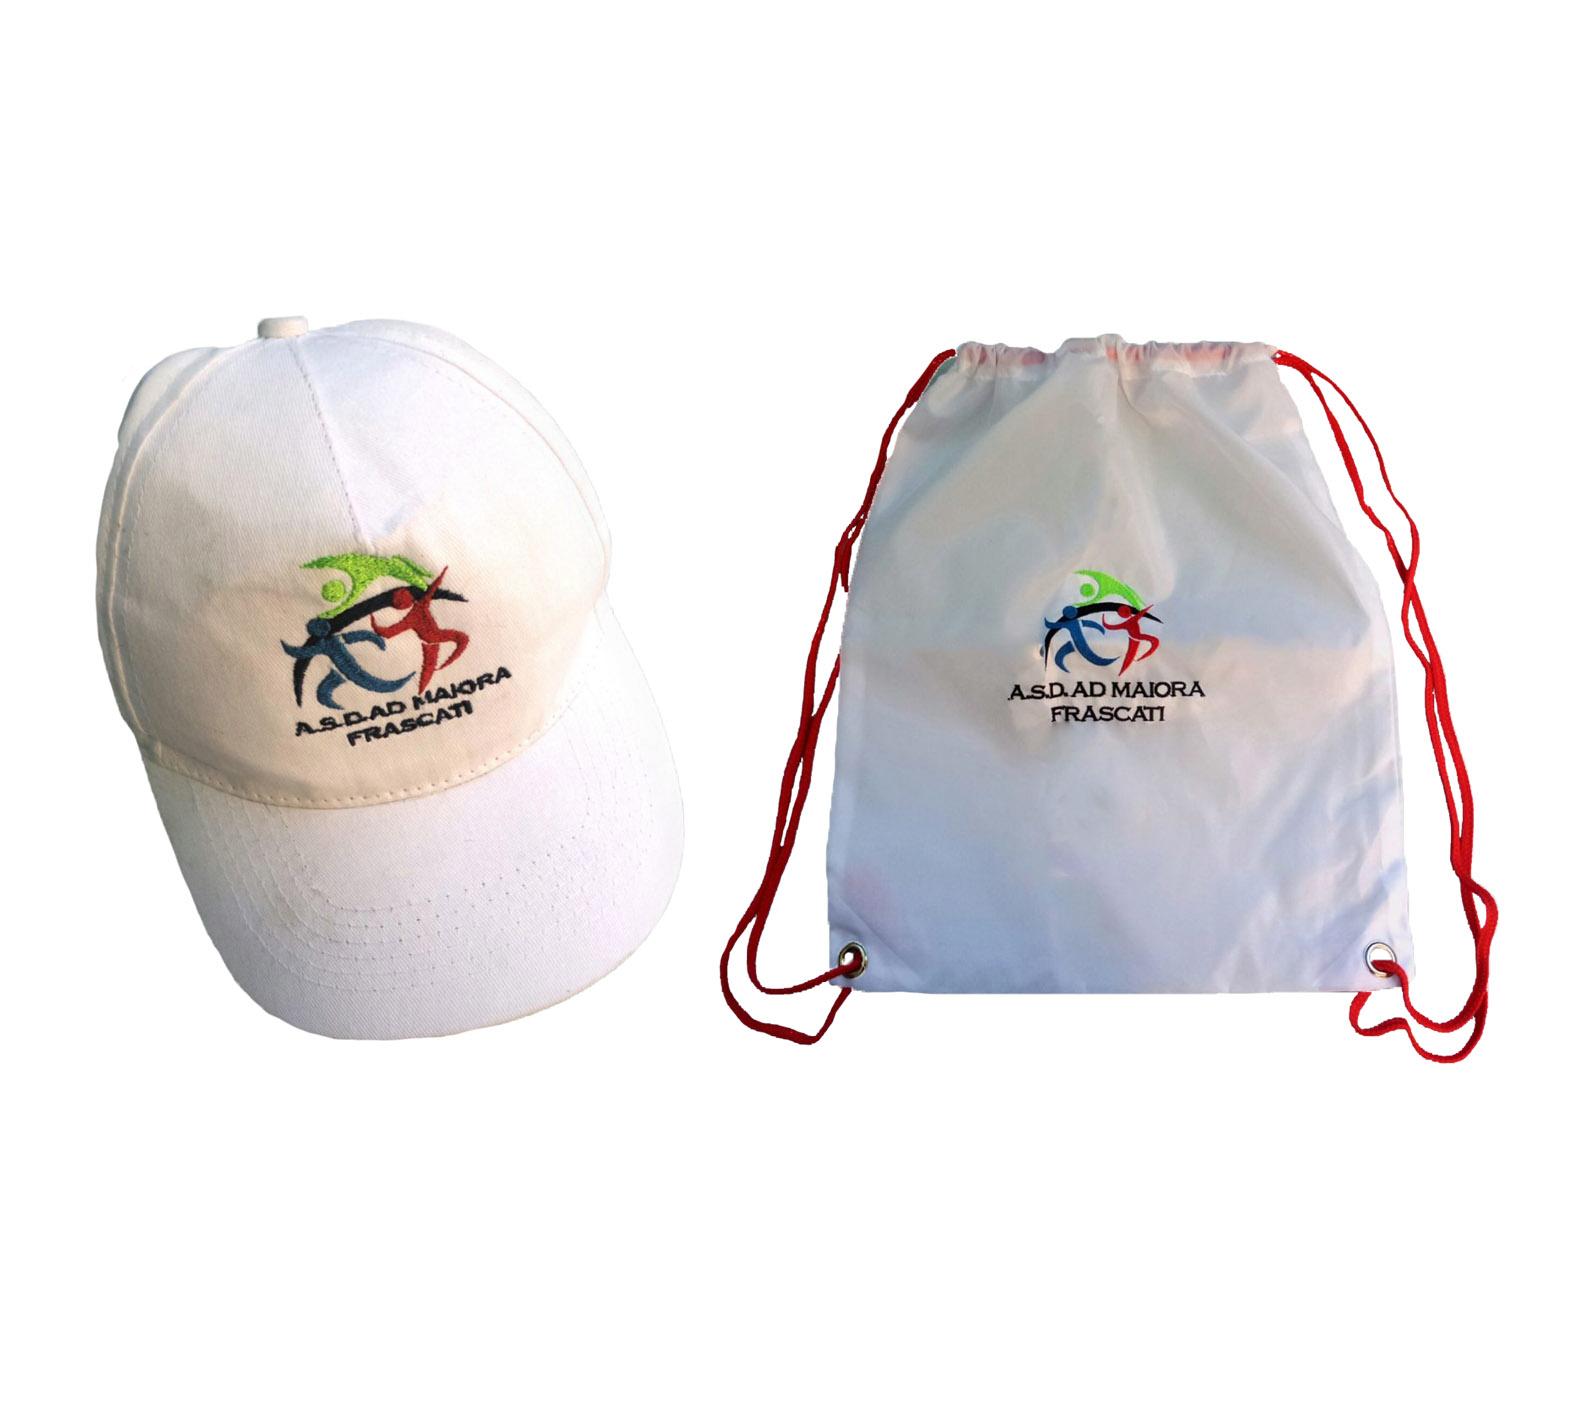 foto-cappellino-e-sacca